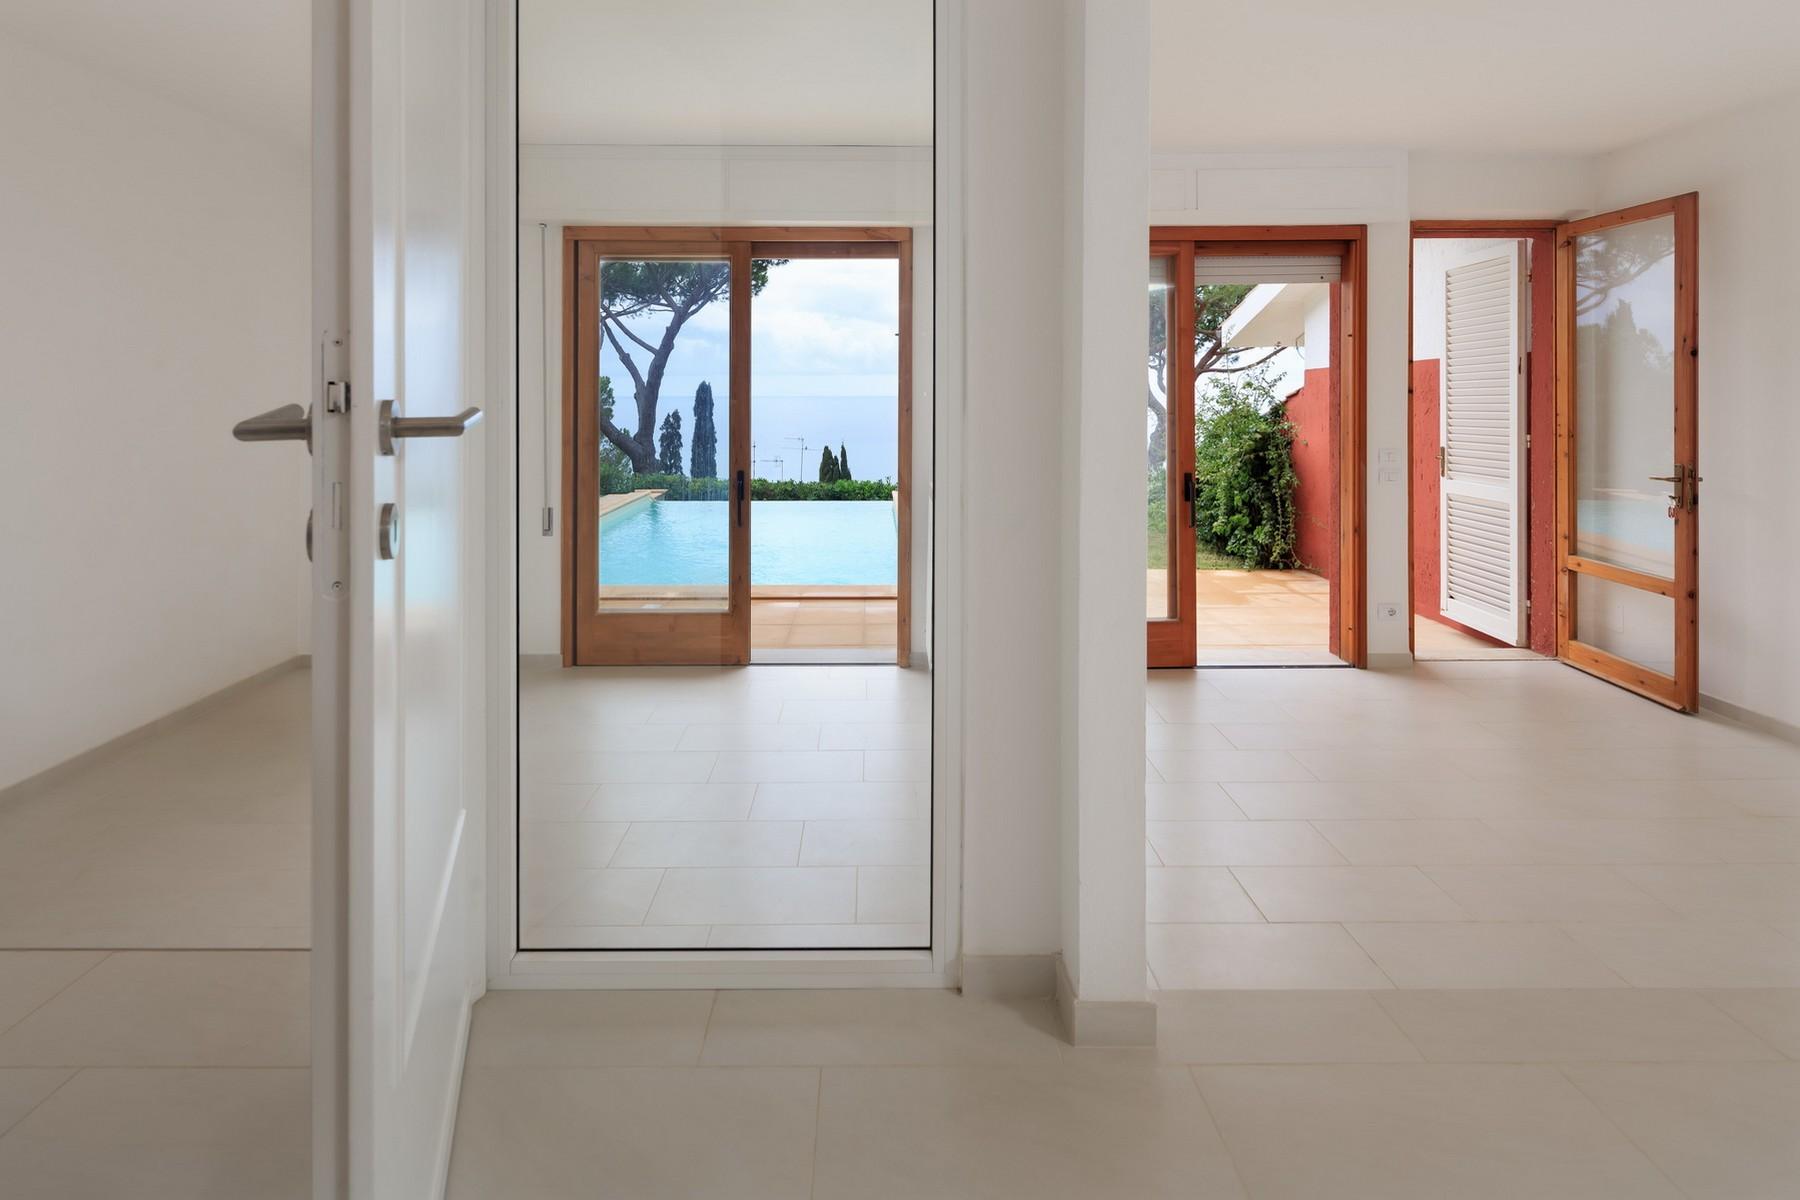 Casa indipendente in Vendita a Castiglione Della Pescaia: 4 locali, 80 mq - Foto 7